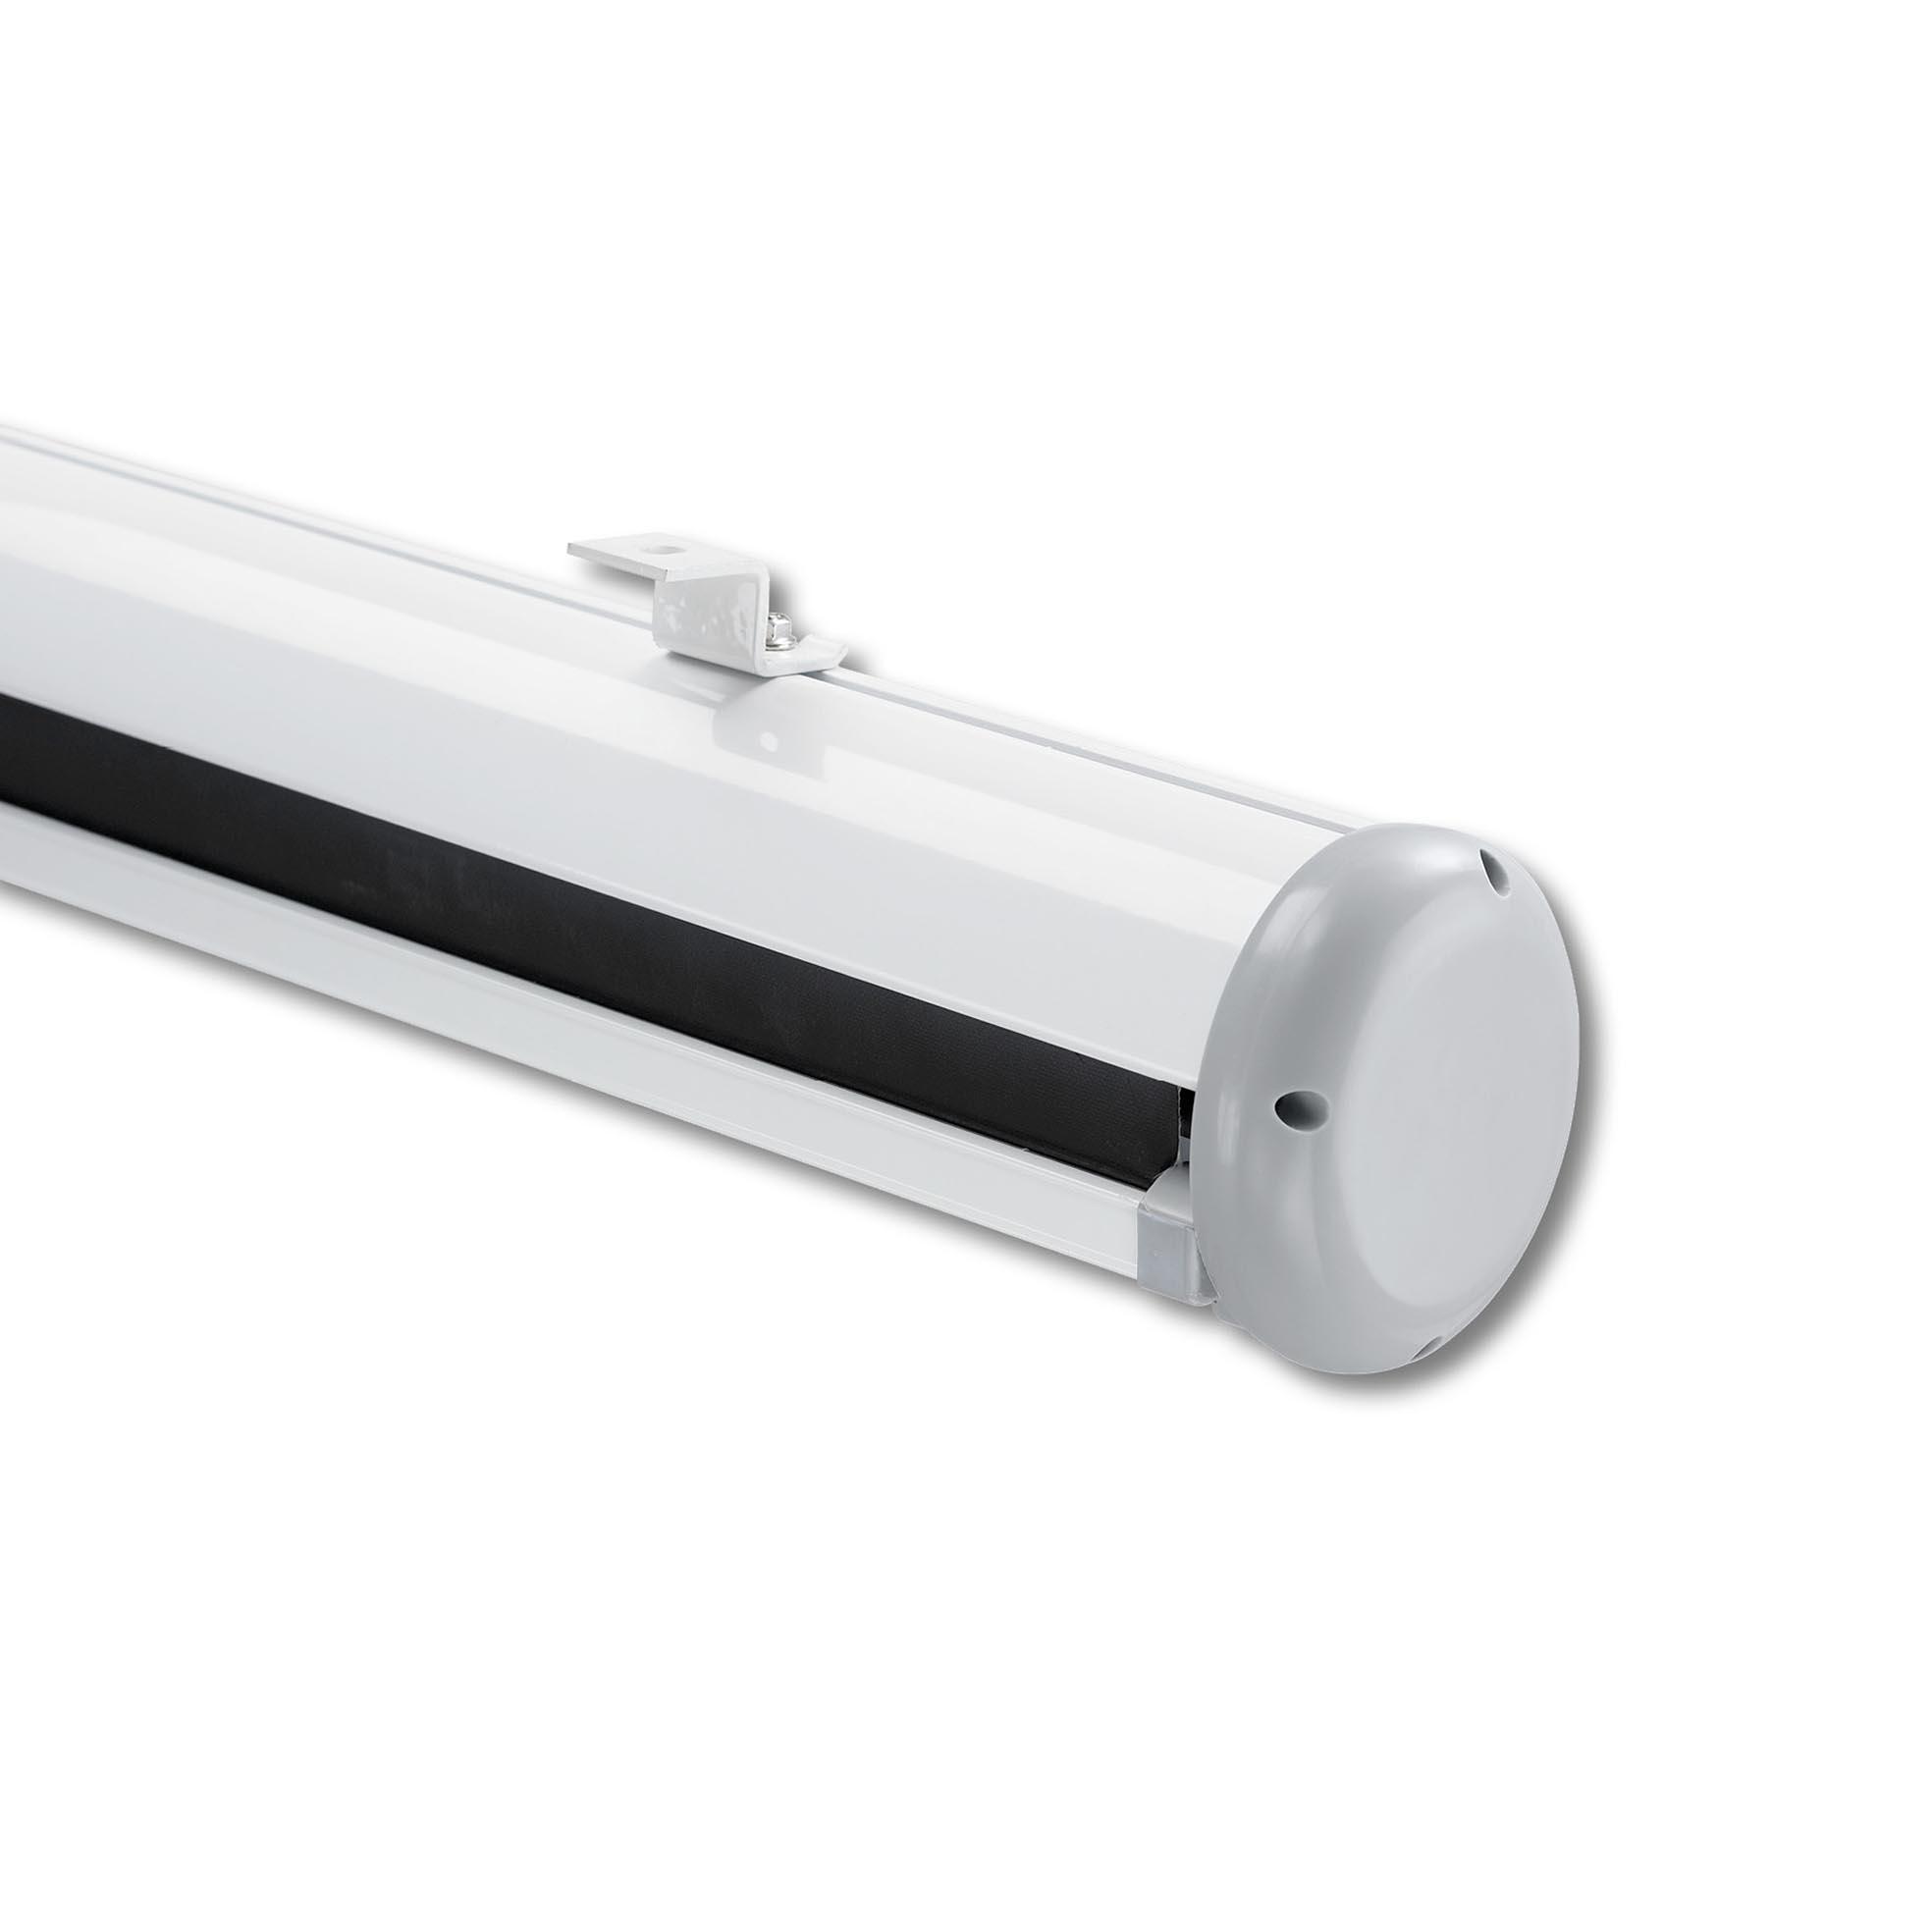 Elektrisk filmduk för hemmabio och kontor, detaljbild upphängningsfäste takmontering, från Kingpin